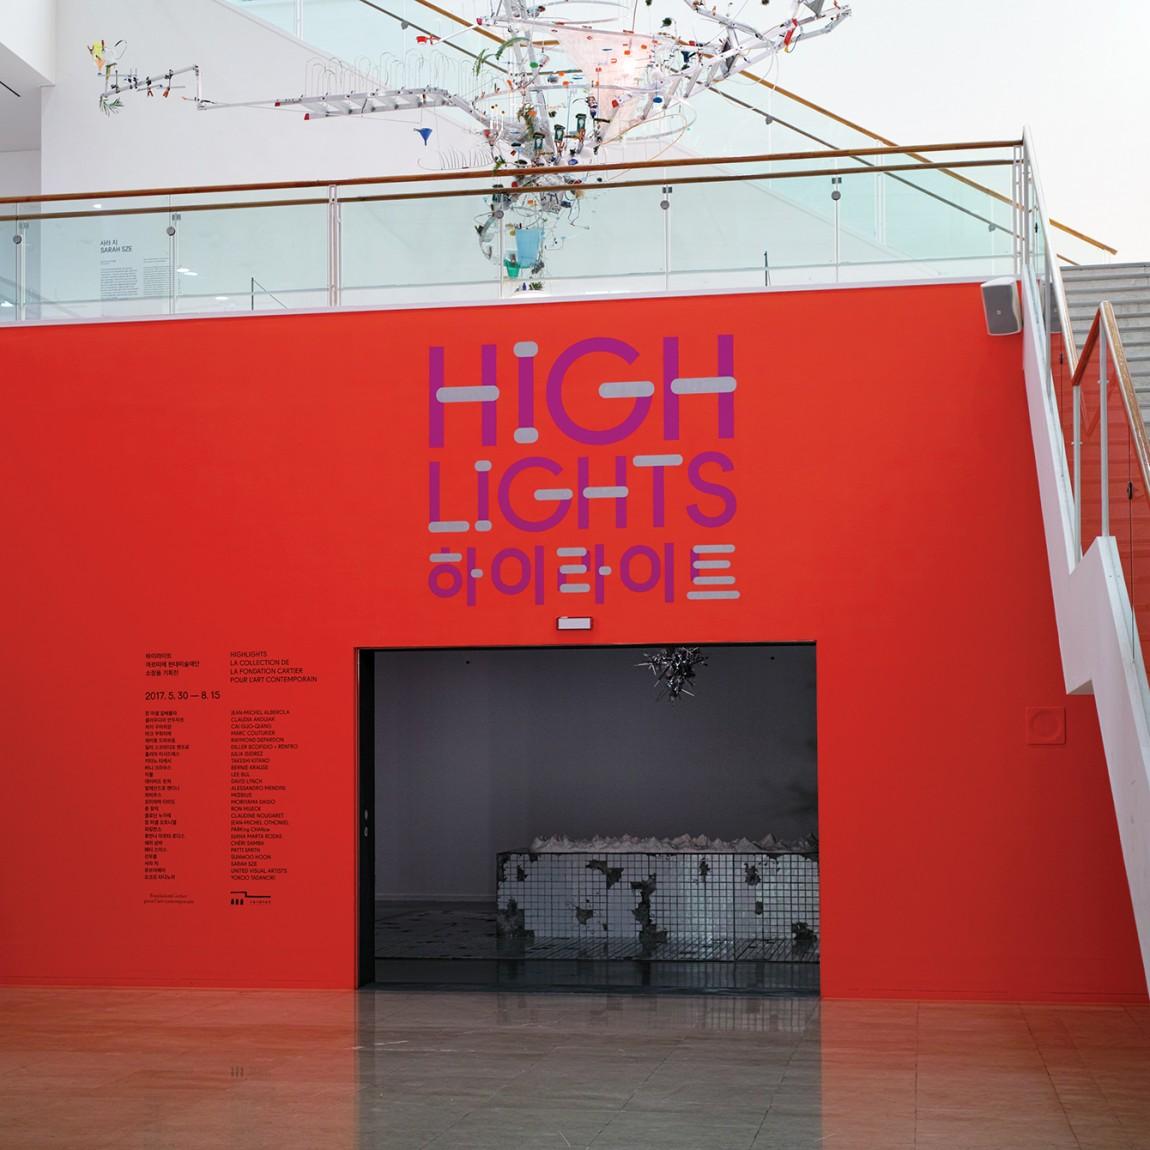 法国当代艺术博物馆作品展(Highlights)品牌创意整体形象设计, 环境设计